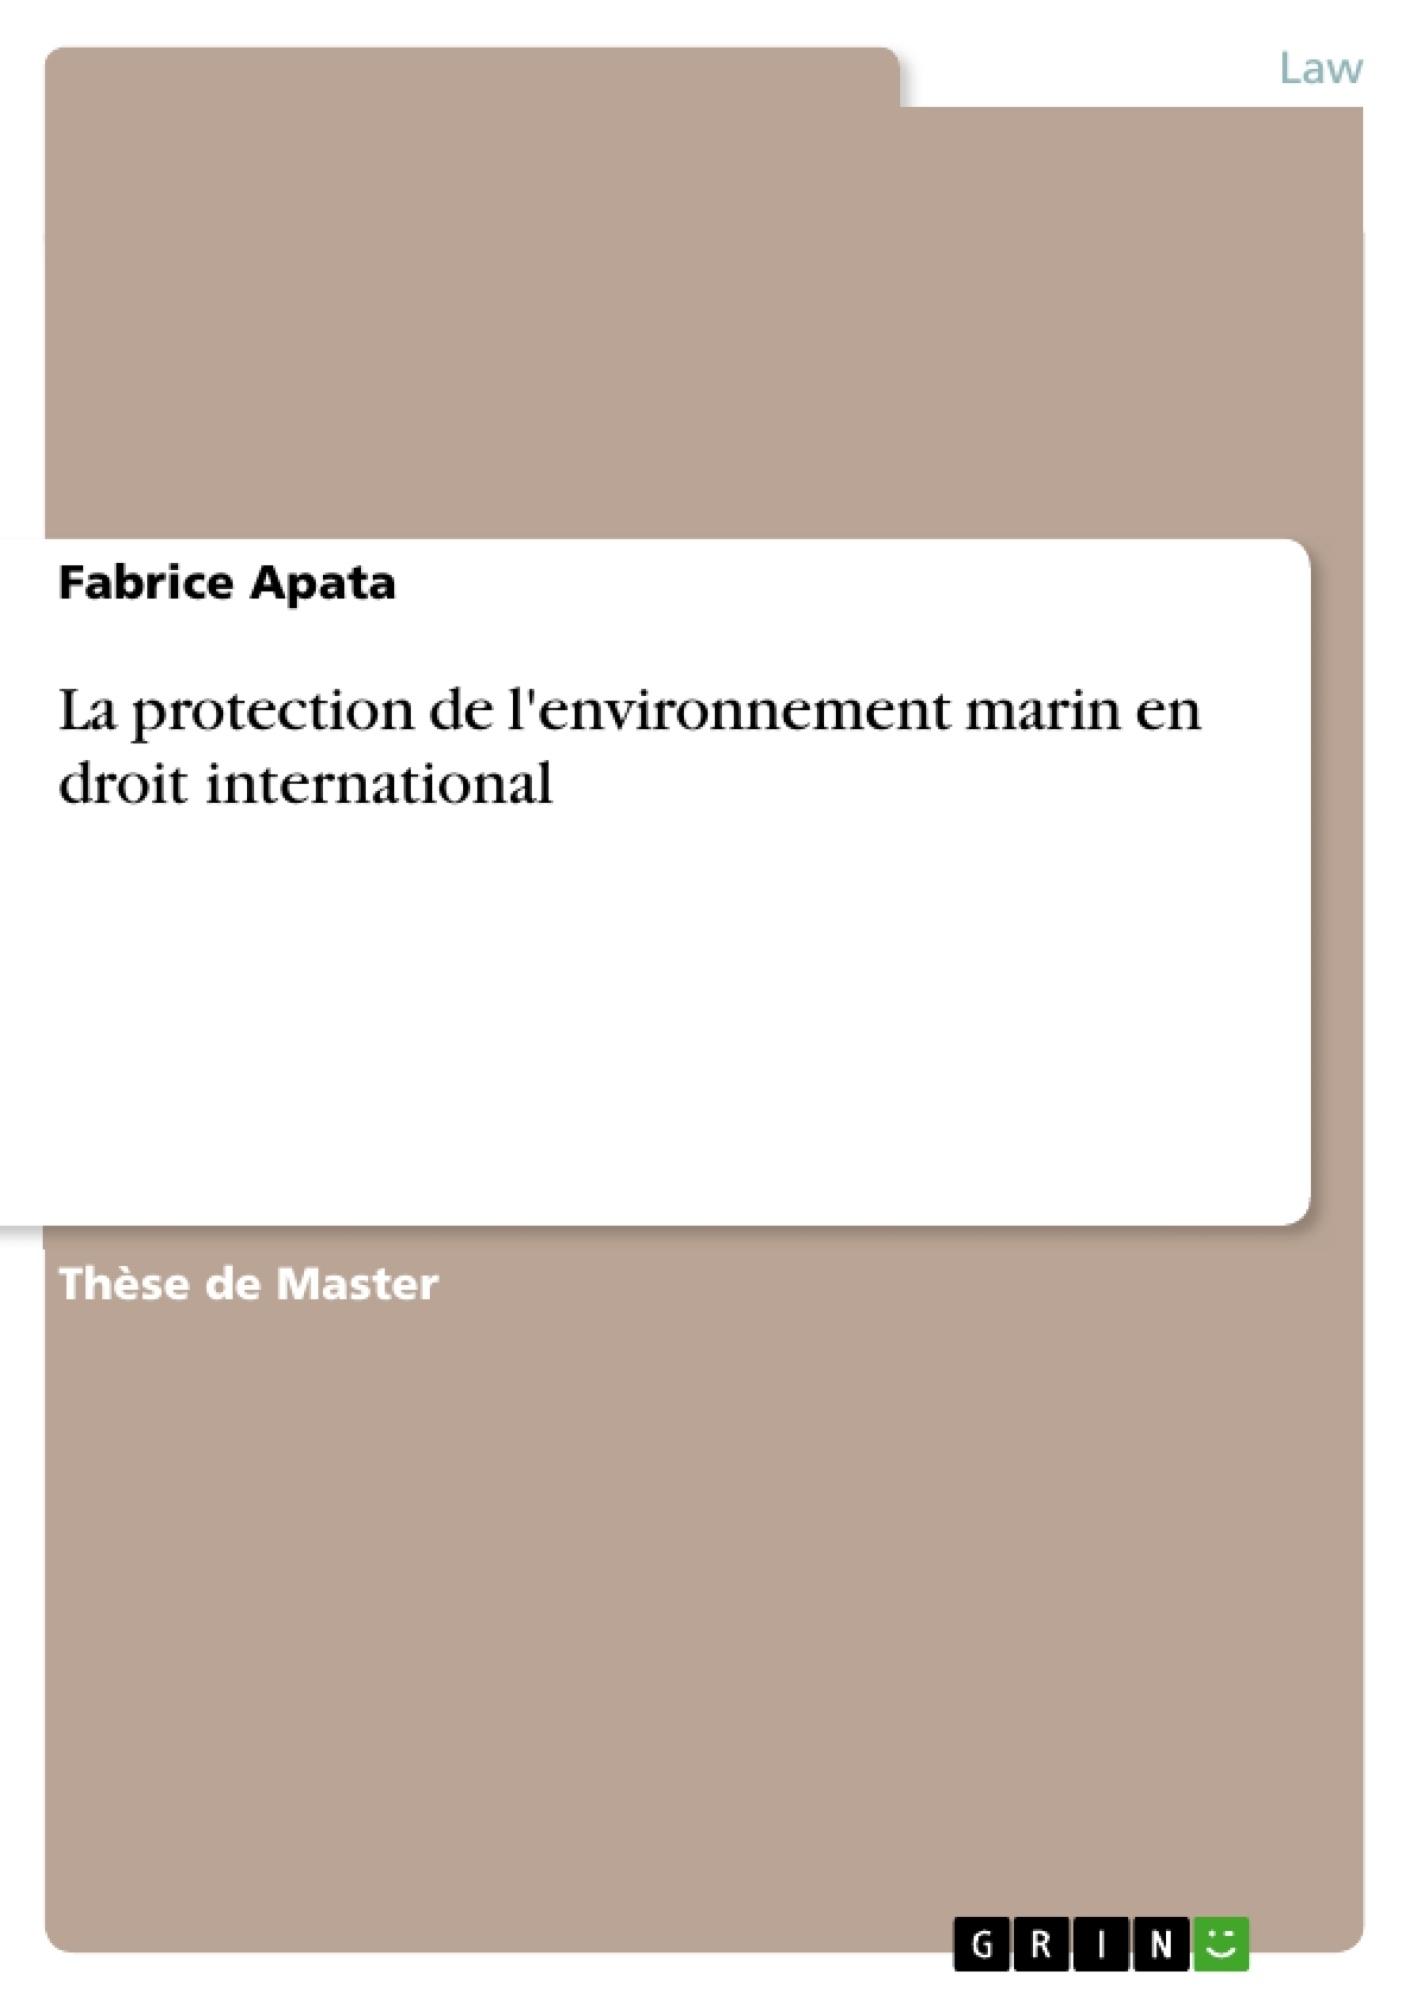 Titre: La protection de l'environnement marin en droit international